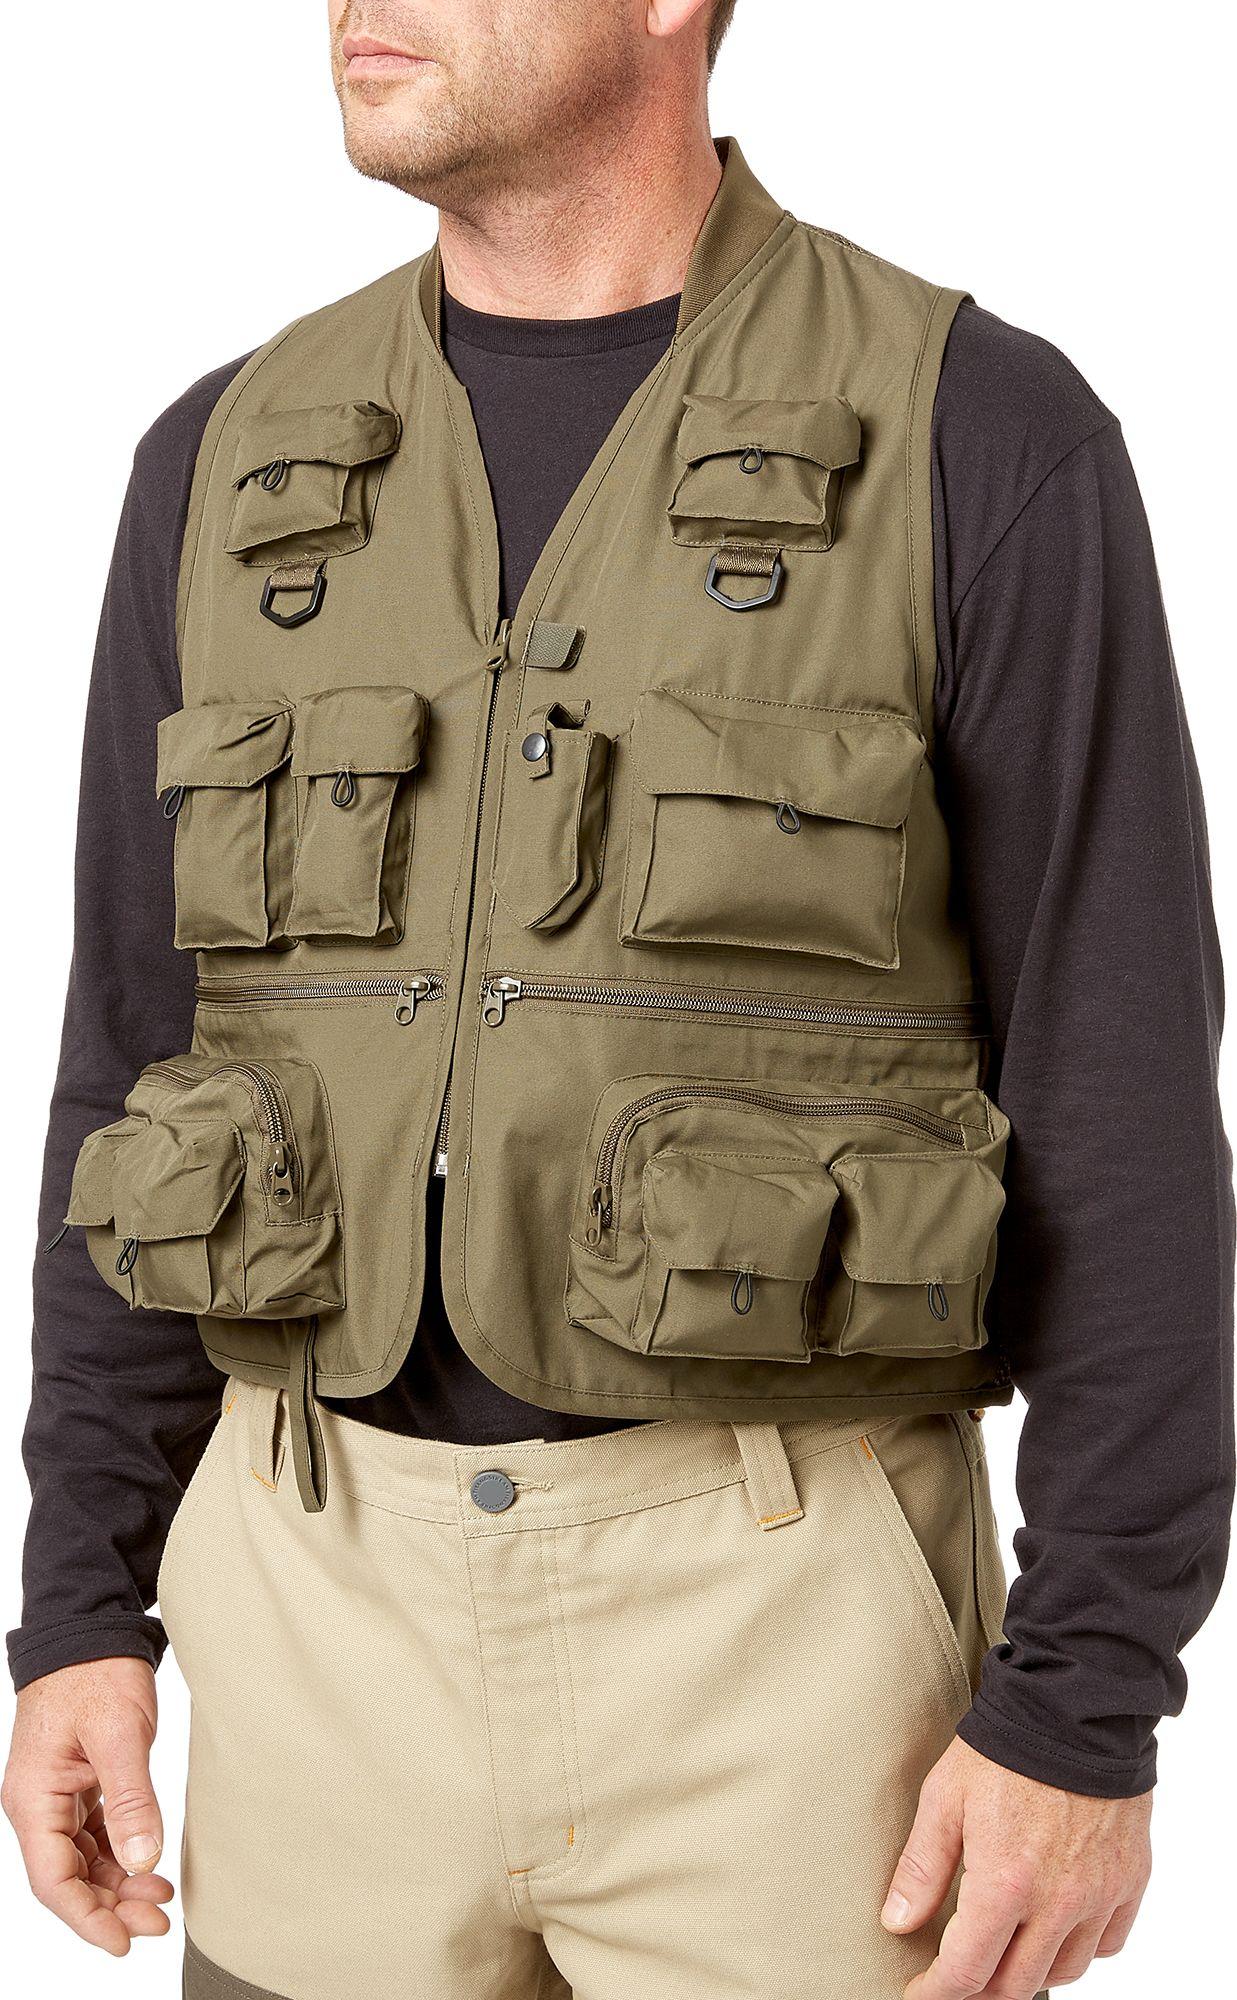 Field & Stream Men's Mesh Back Fishing Vest | DICK'S Sporting Goods